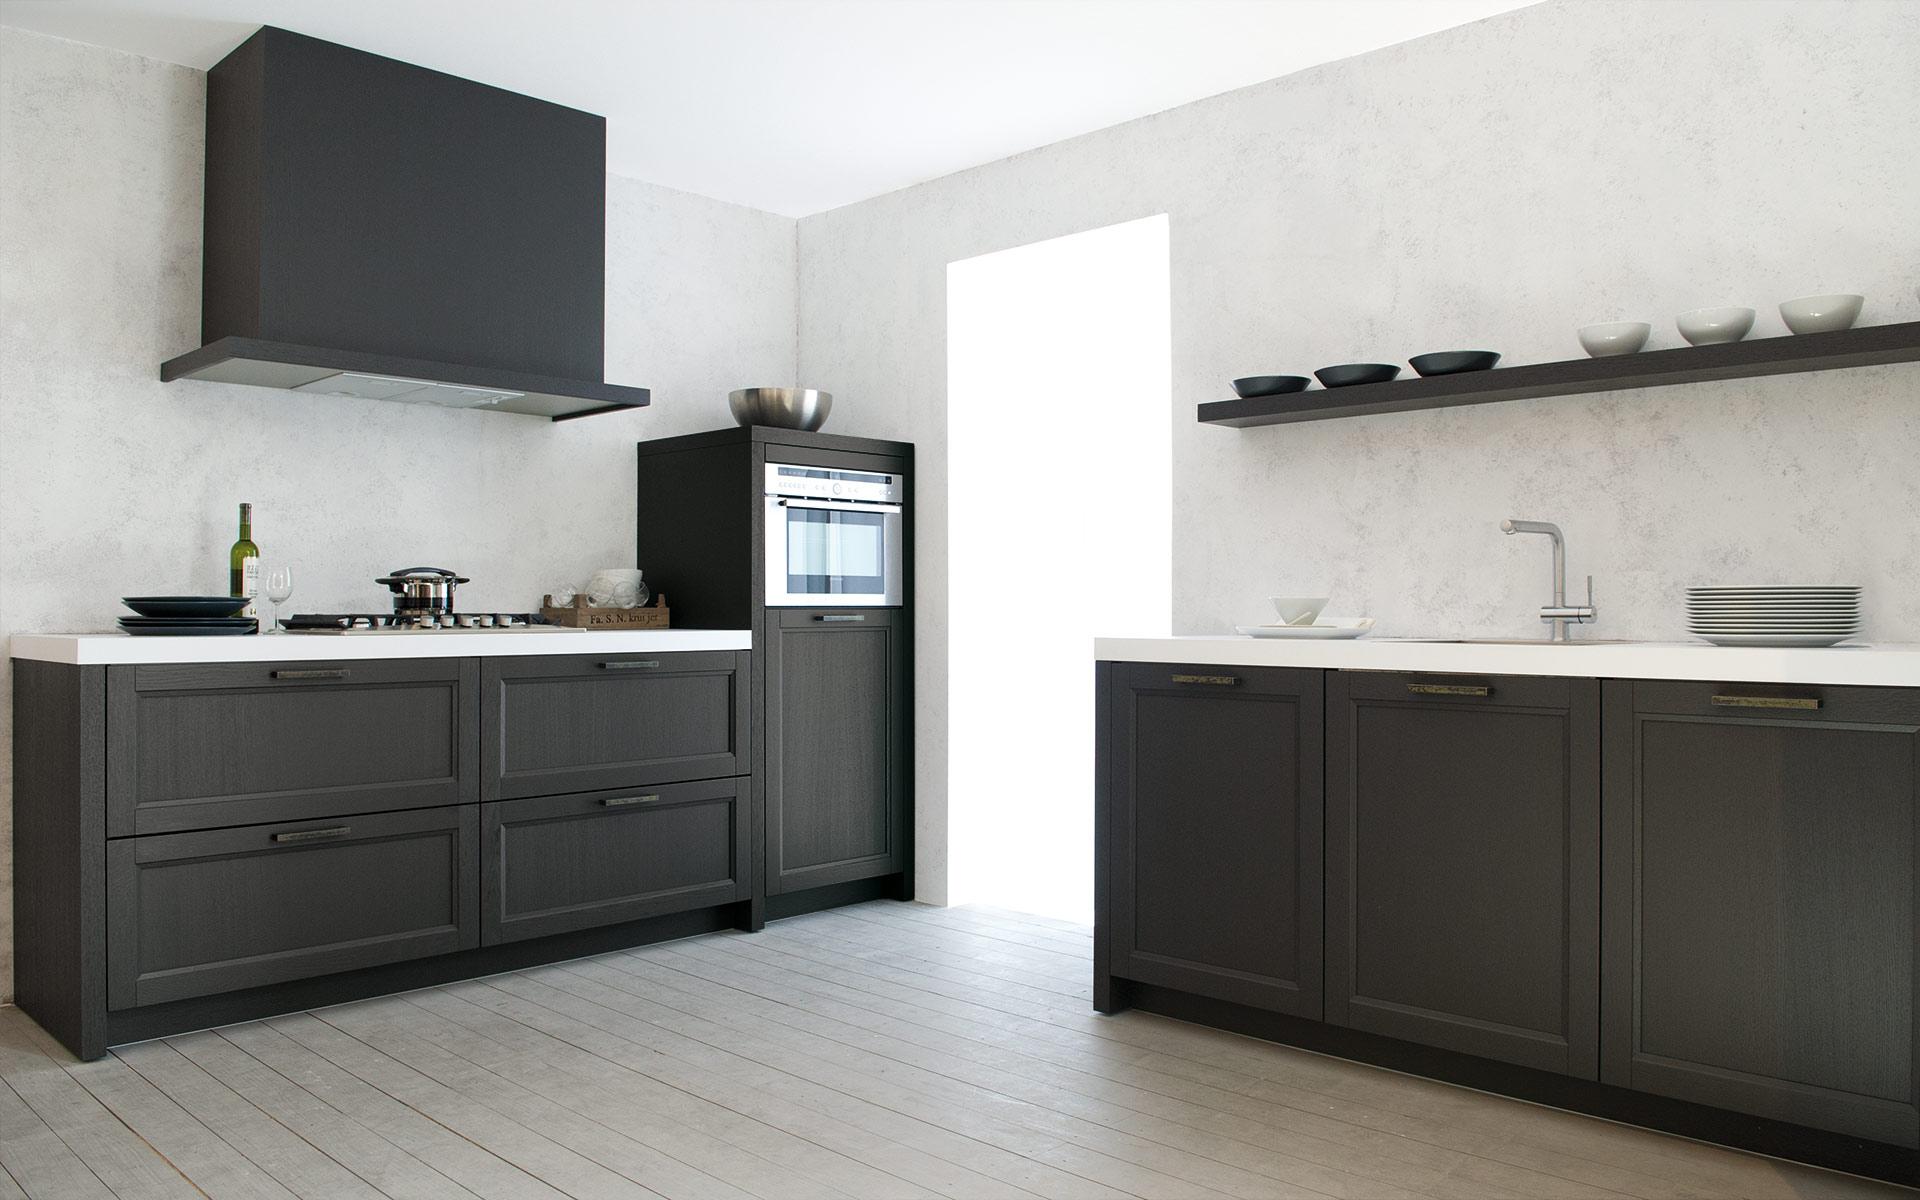 Einfach Dunkle Kuche ~ Küchenprogramm rotpunkt küchen